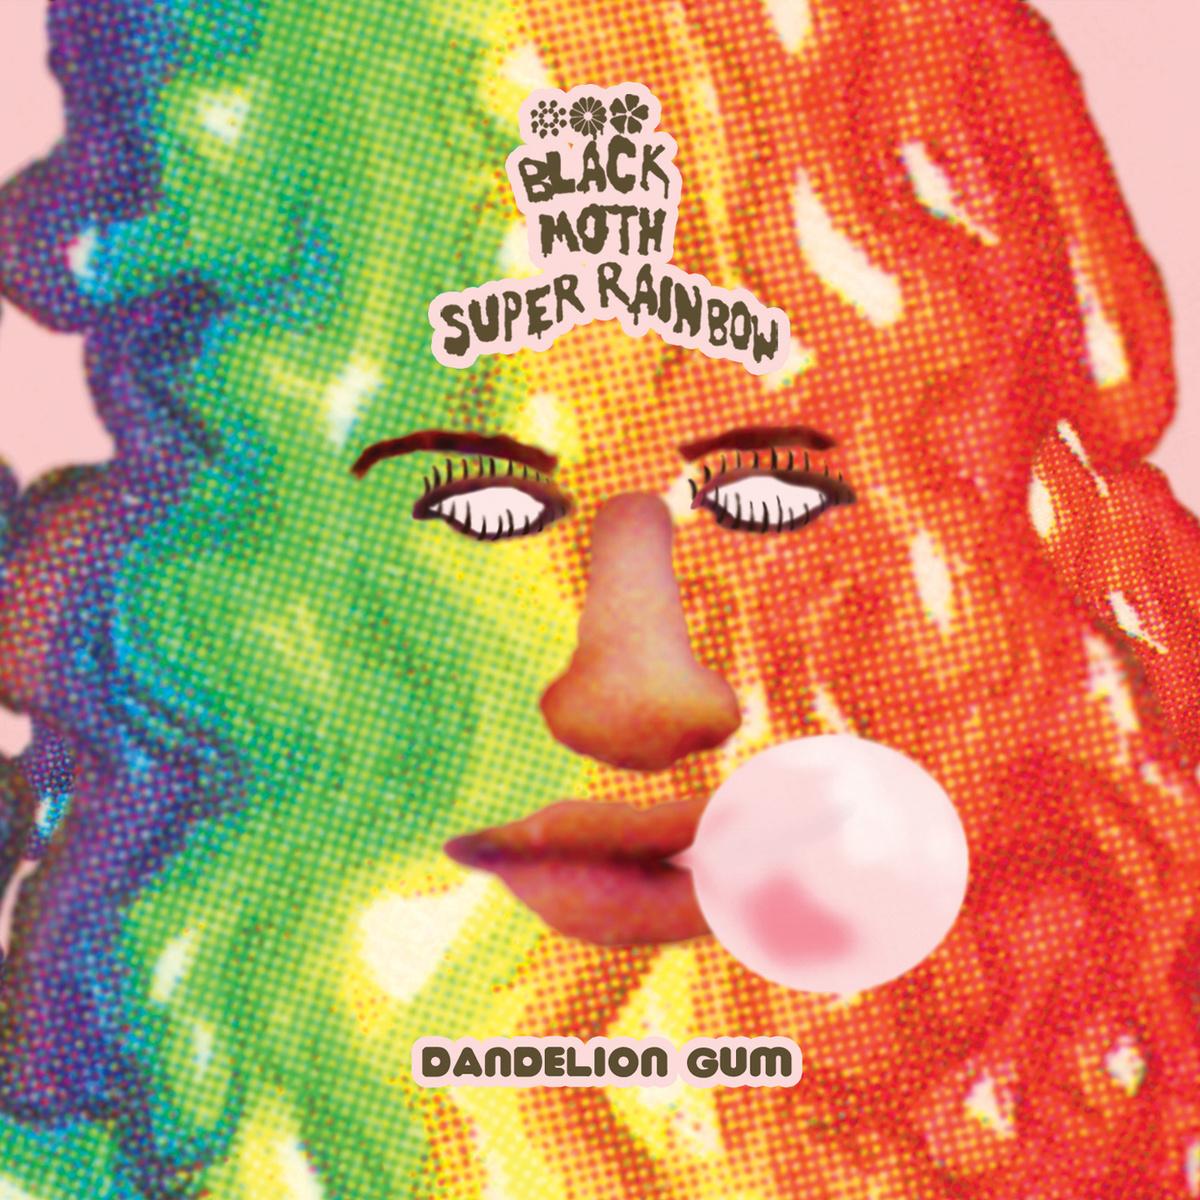 Black Moth Super Rainbow's Dandelion Gum is out now.